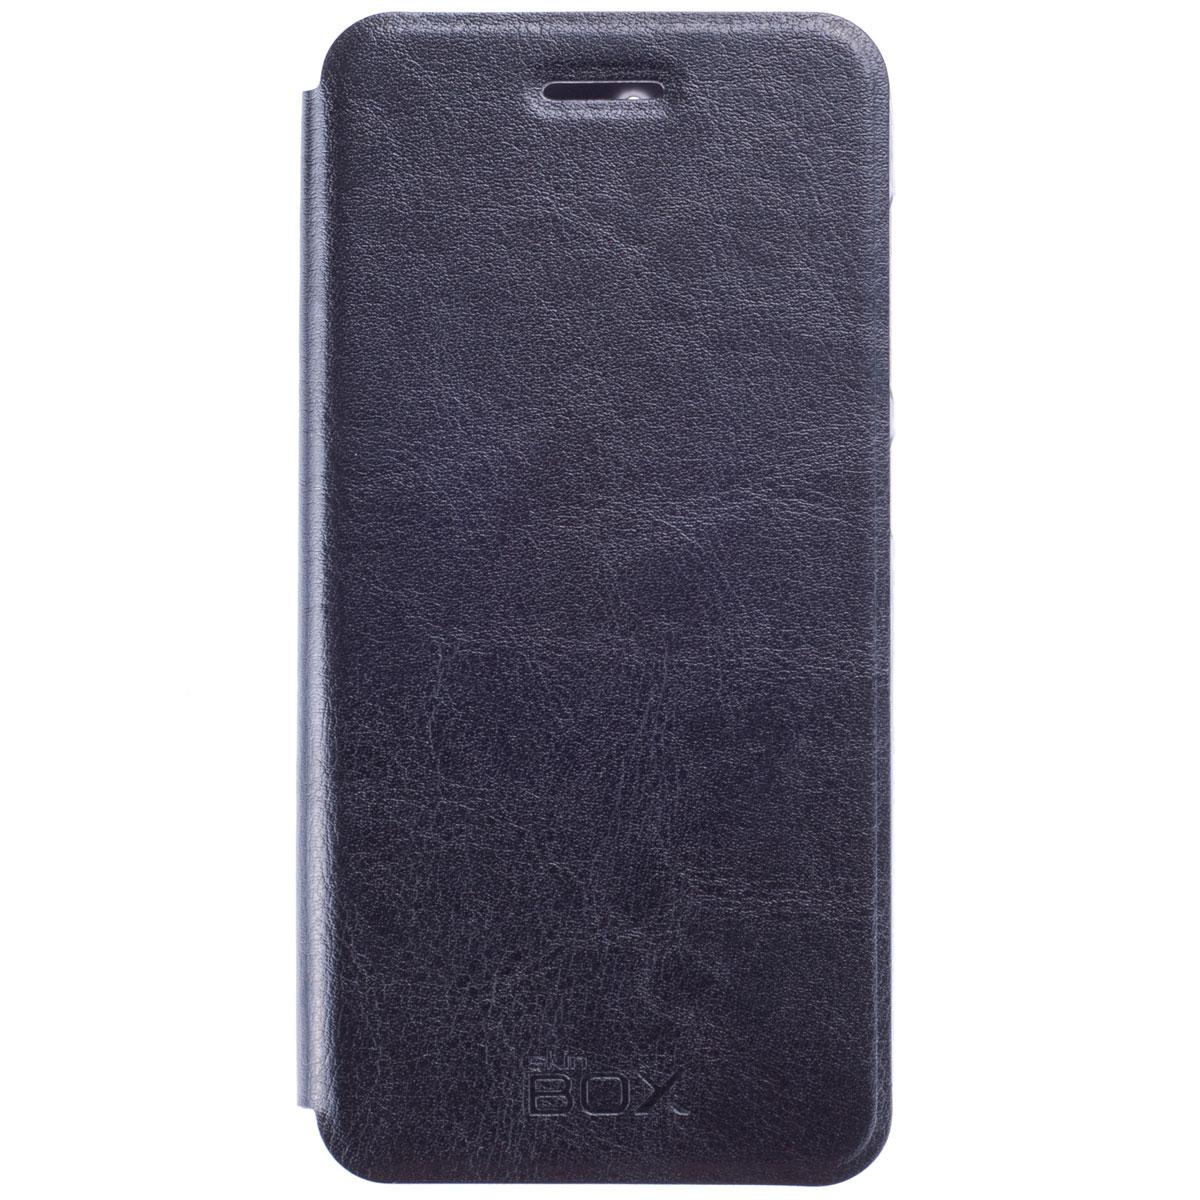 Skinbox Lux чехол для ZTE Blade S6, BlackT-S-ZBS6-003Чехол Skinbox Lux выполнен из высококачественного поликарбоната и экокожи. Он обеспечивает надежную защиту корпуса и экрана смартфона и надолго сохраняет его привлекательный внешний вид. Чехол также обеспечивает свободный доступ ко всем разъемам и клавишам устройства.